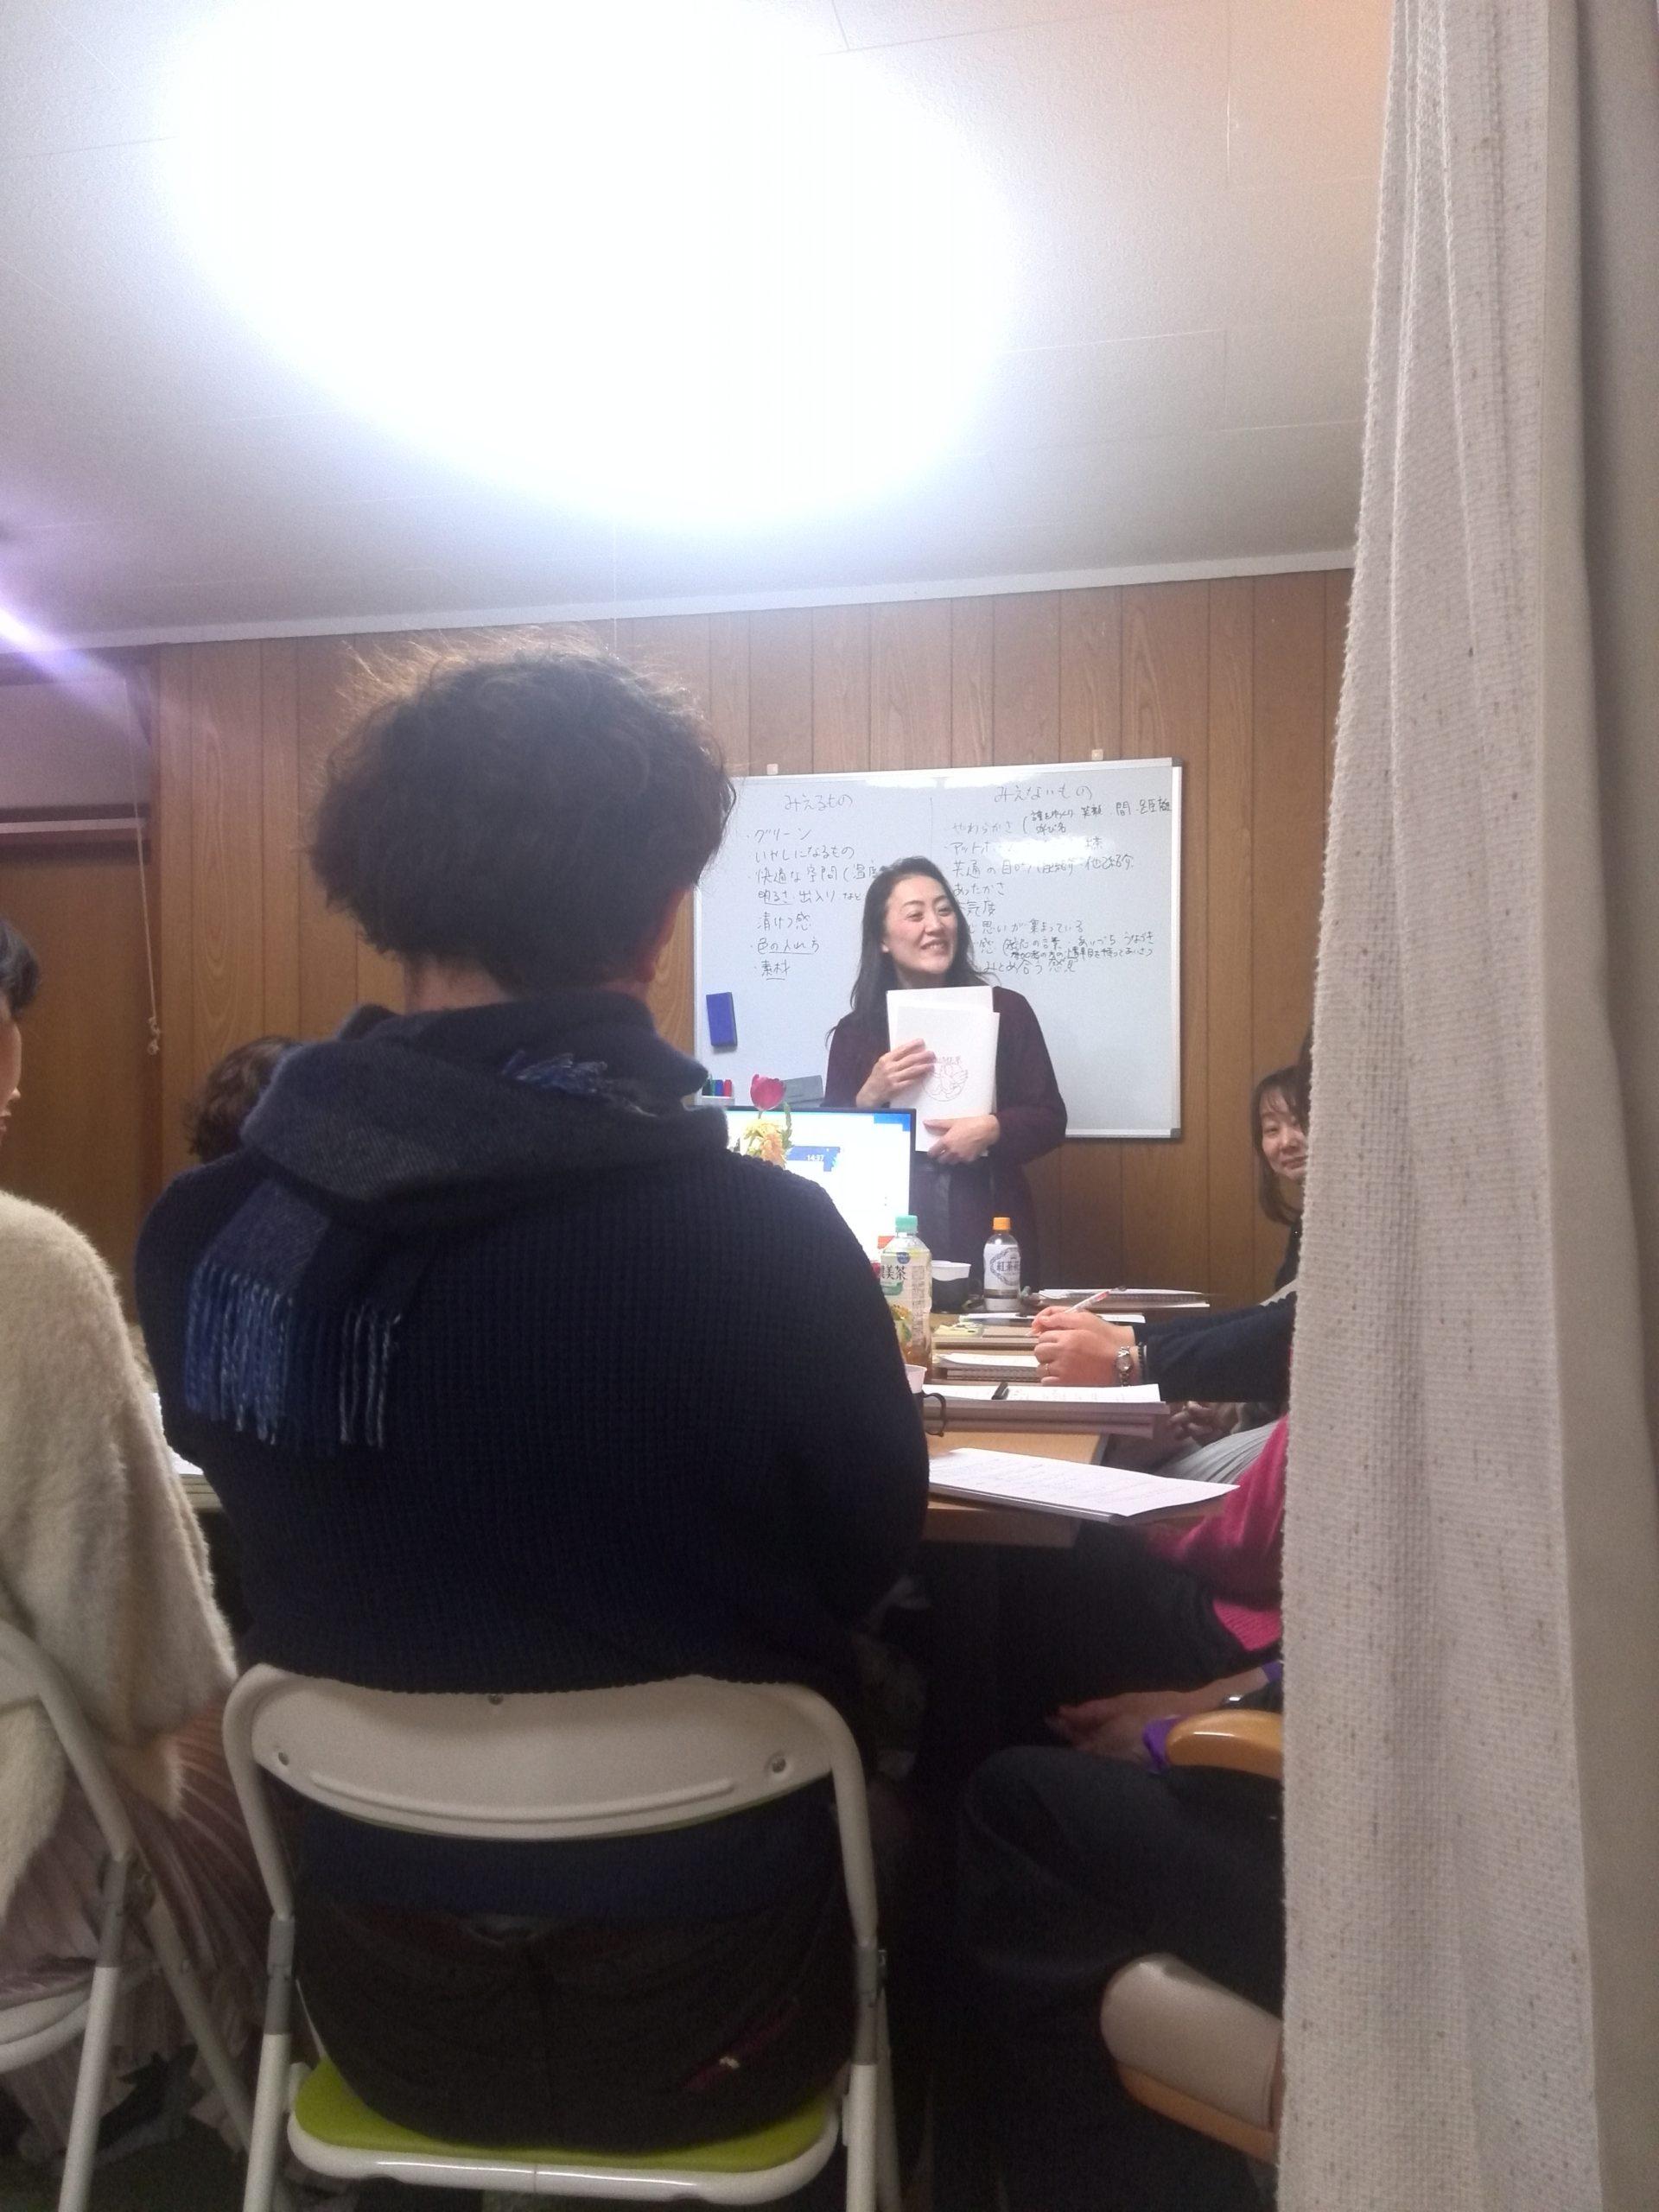 IMG 20110118 192548 scaled - 胎内記憶教育協会、講師養成講座第5期の最終講義